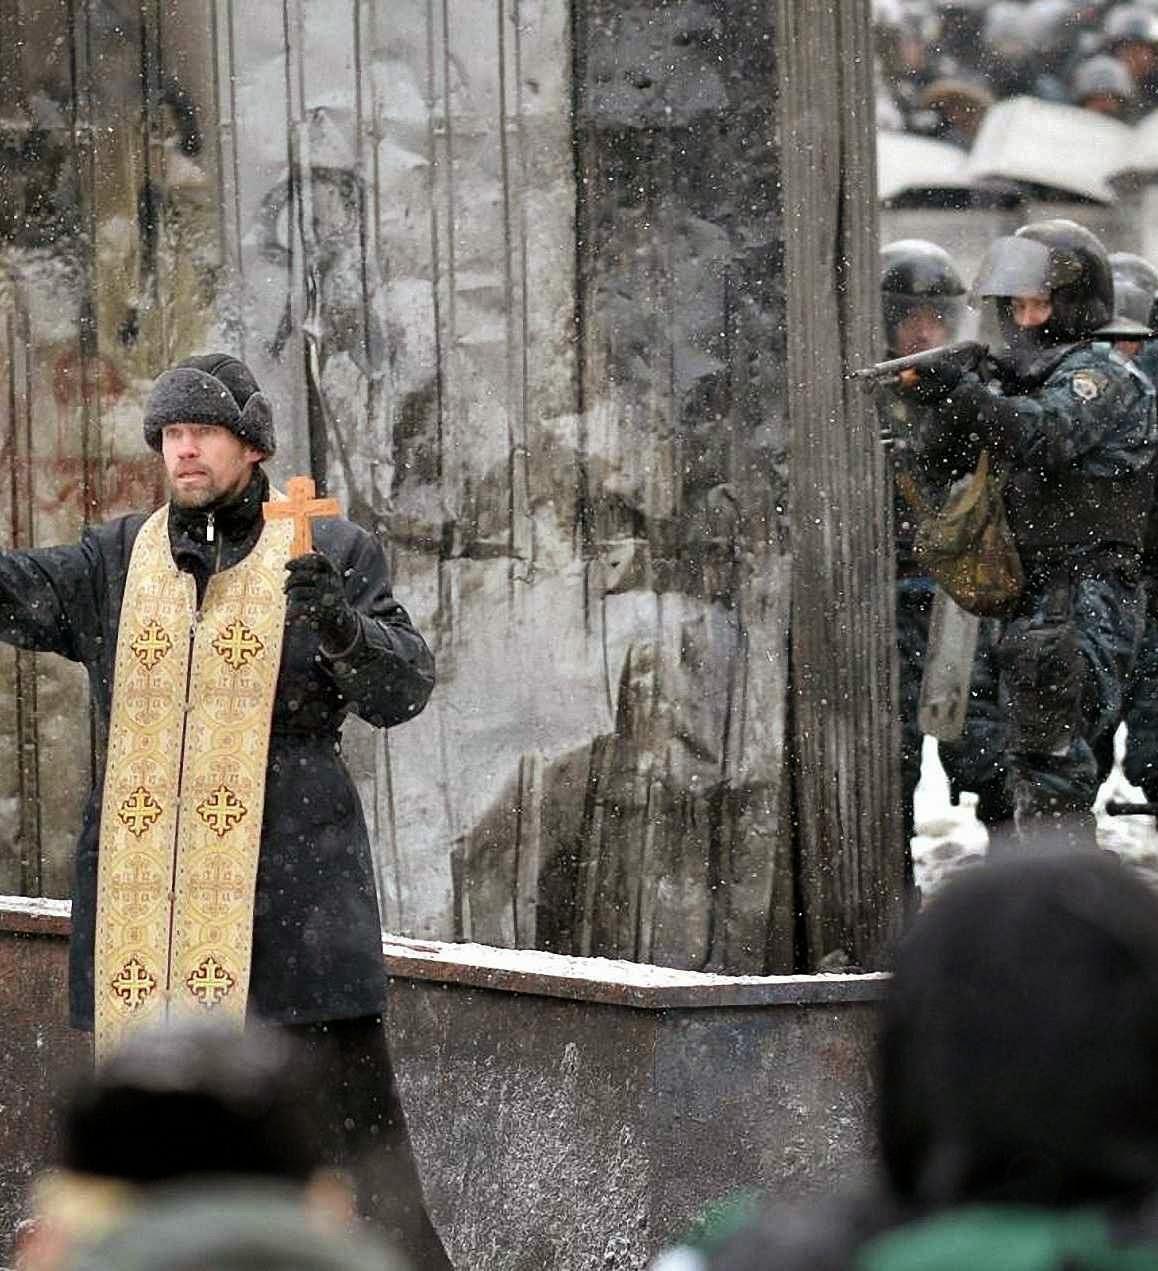 O patriarca de Moscou voltou a tripudiar sobre os católicos ucranianos, enquanto tende as mãos à política vaticana de amizade com Putin.